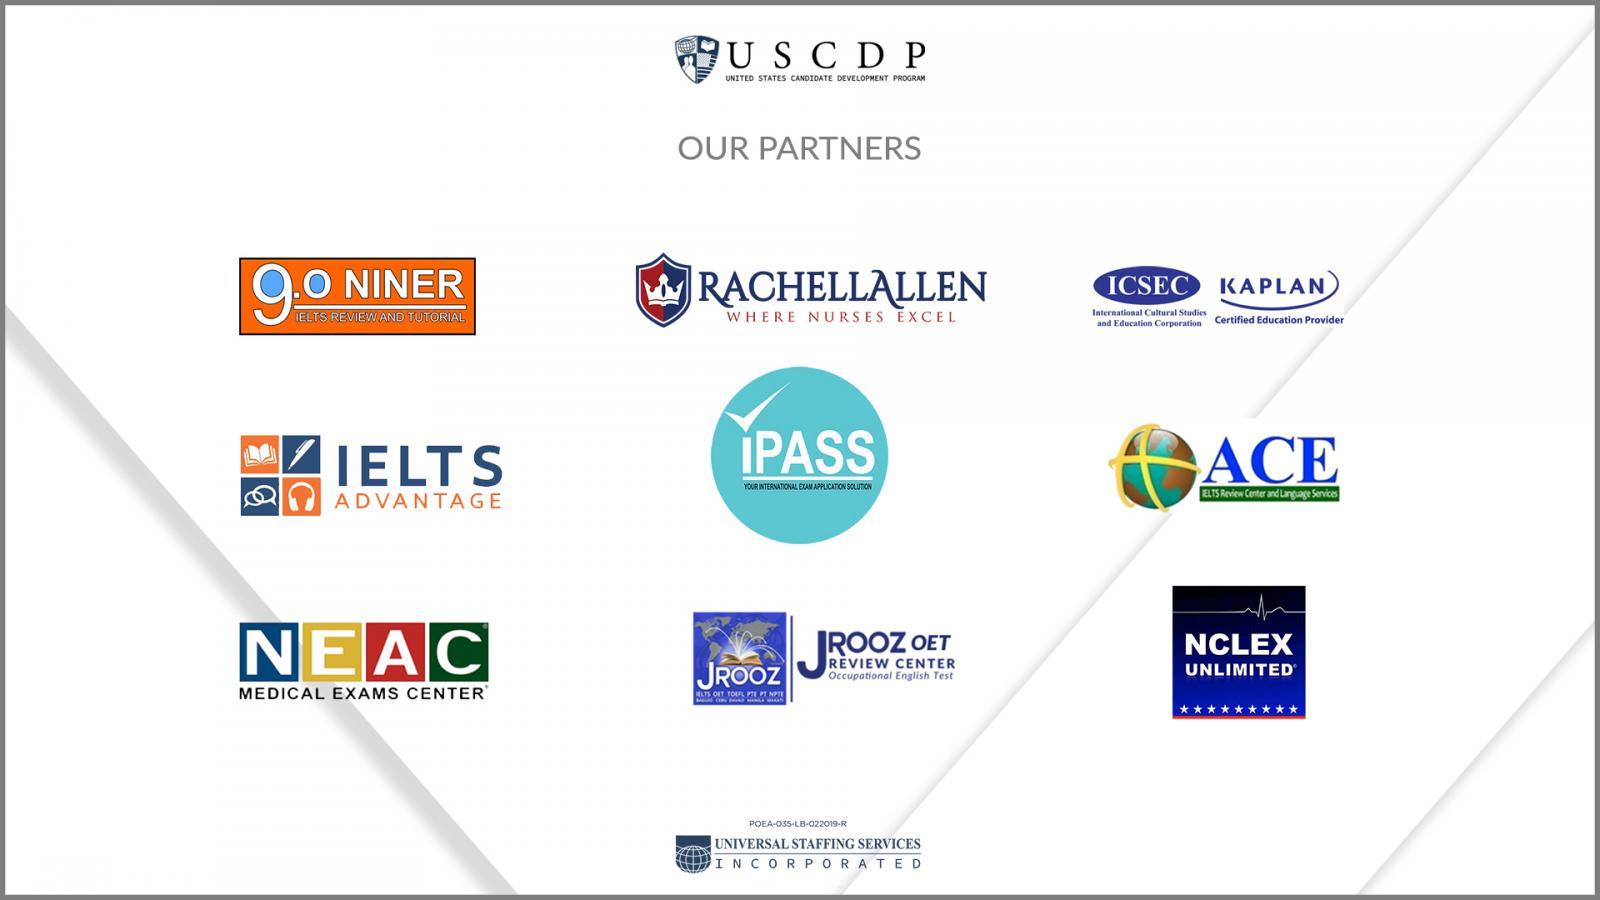 USCDP partners